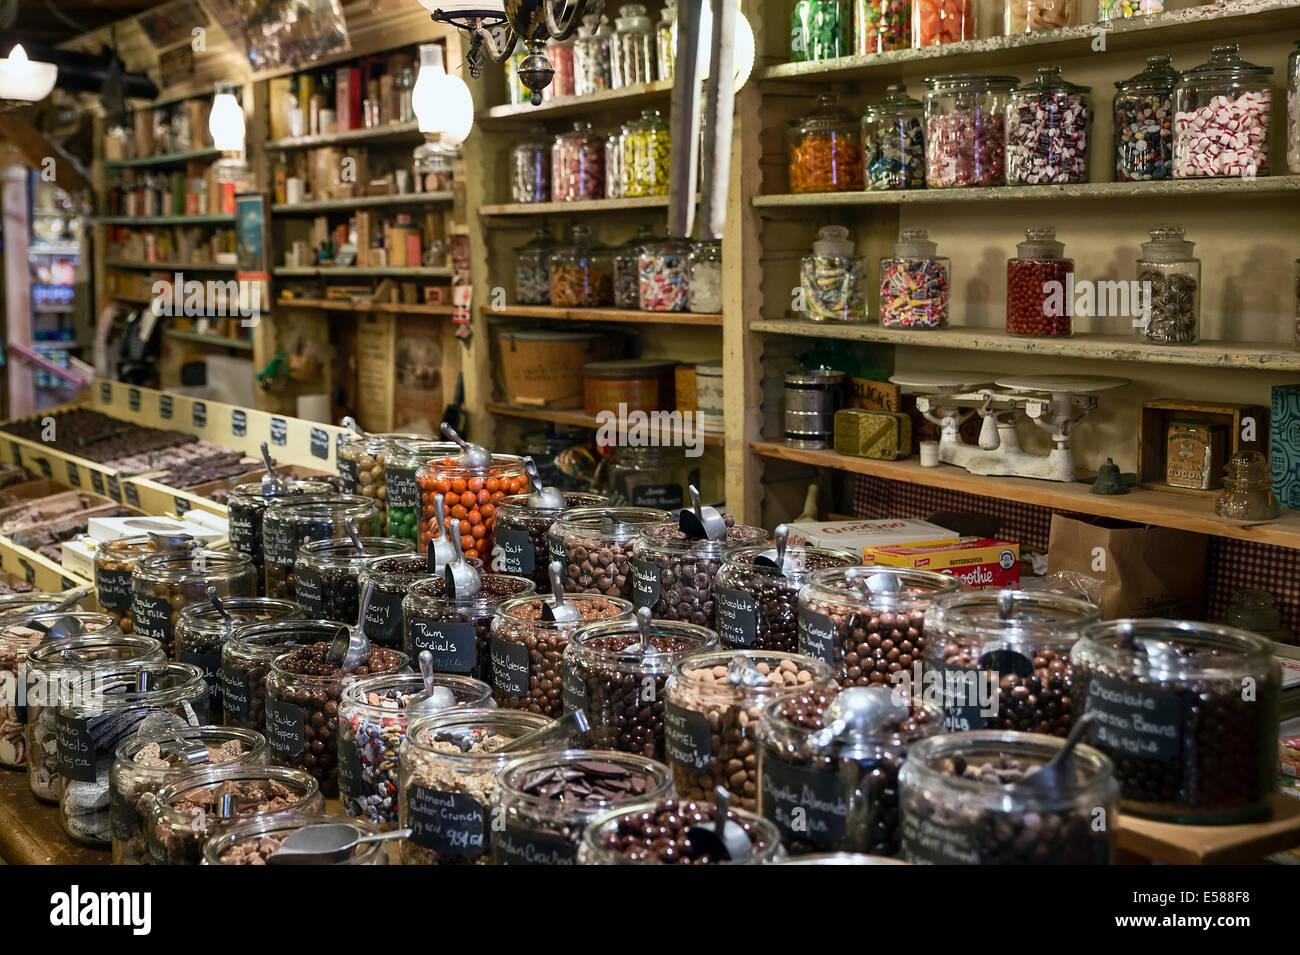 Magasin de bonbons à l'Ohio Country Store, Weston, Vermont, VT, USA Banque D'Images